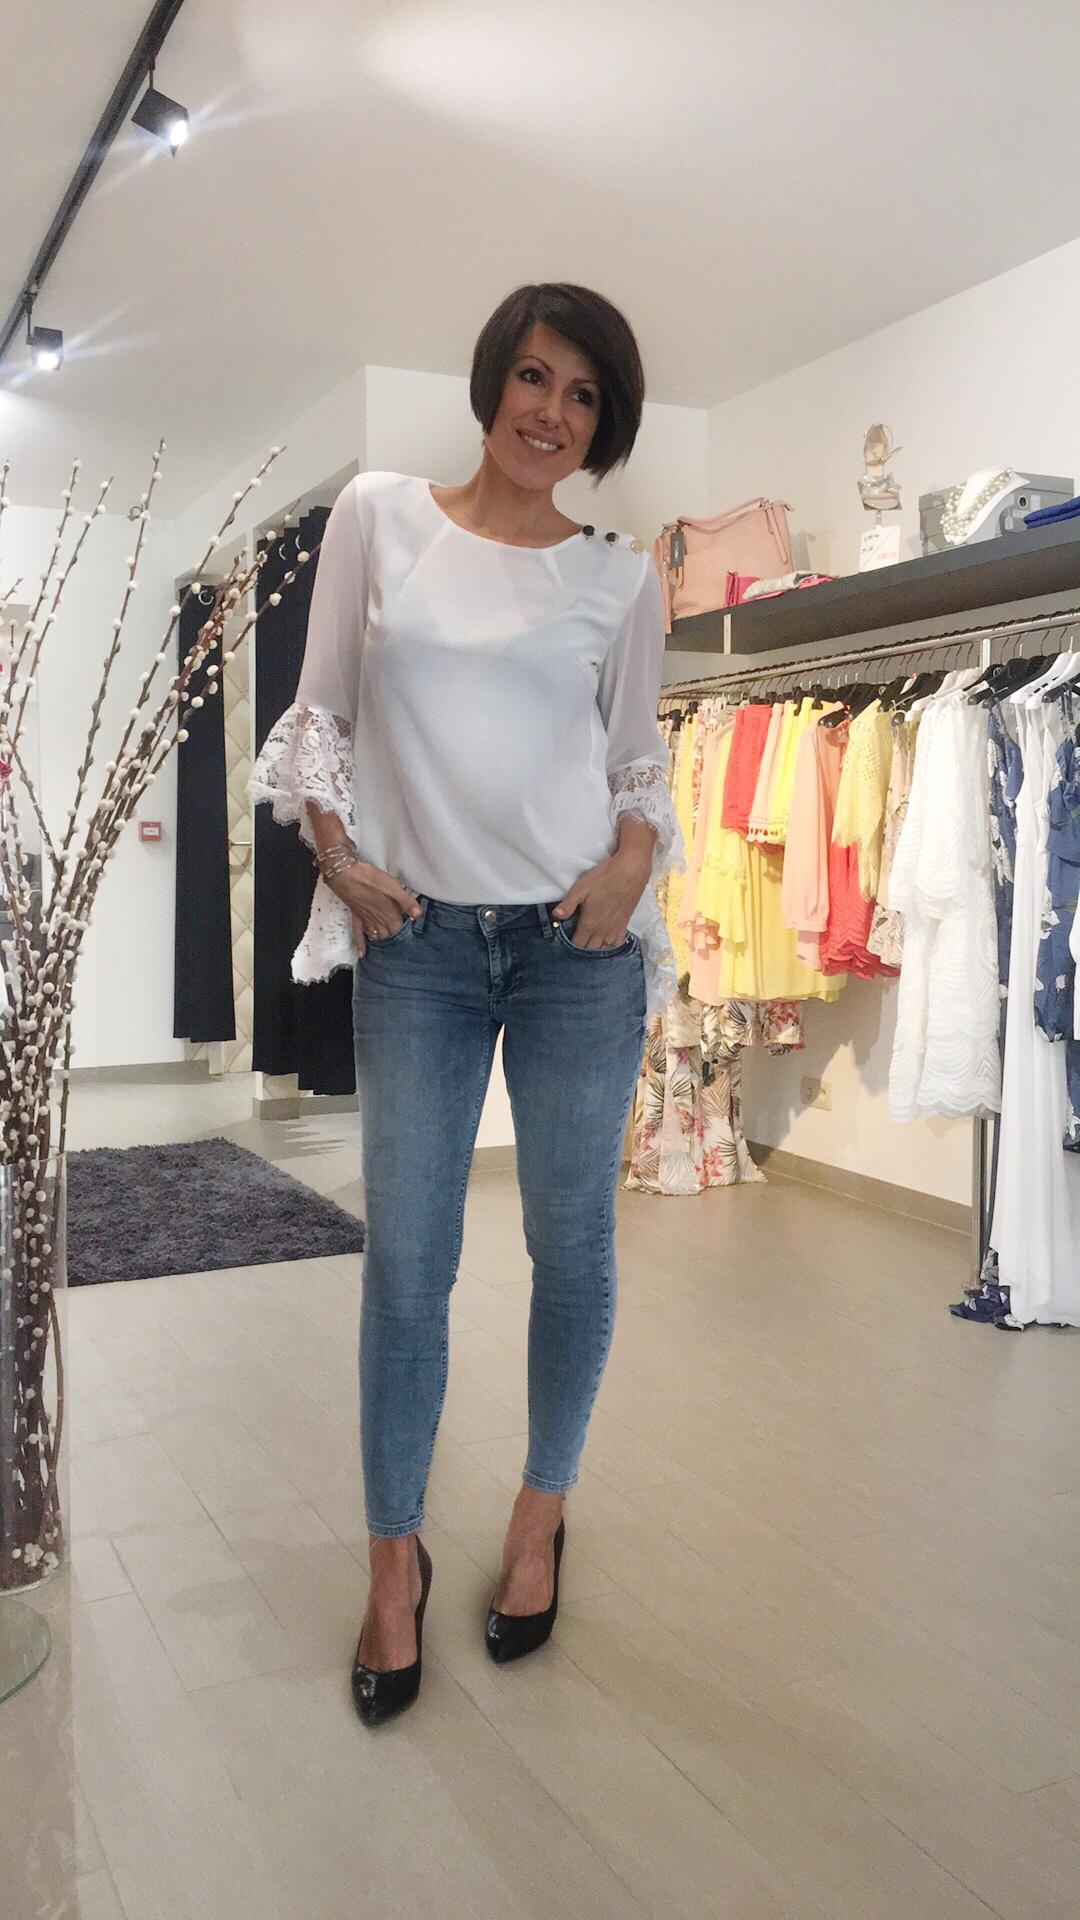 De jeans heeft een middelhoge taille en een speciale mid blue wassing…  De zilveren armband is ook verkrijgbaar in de winkel (€29,00)